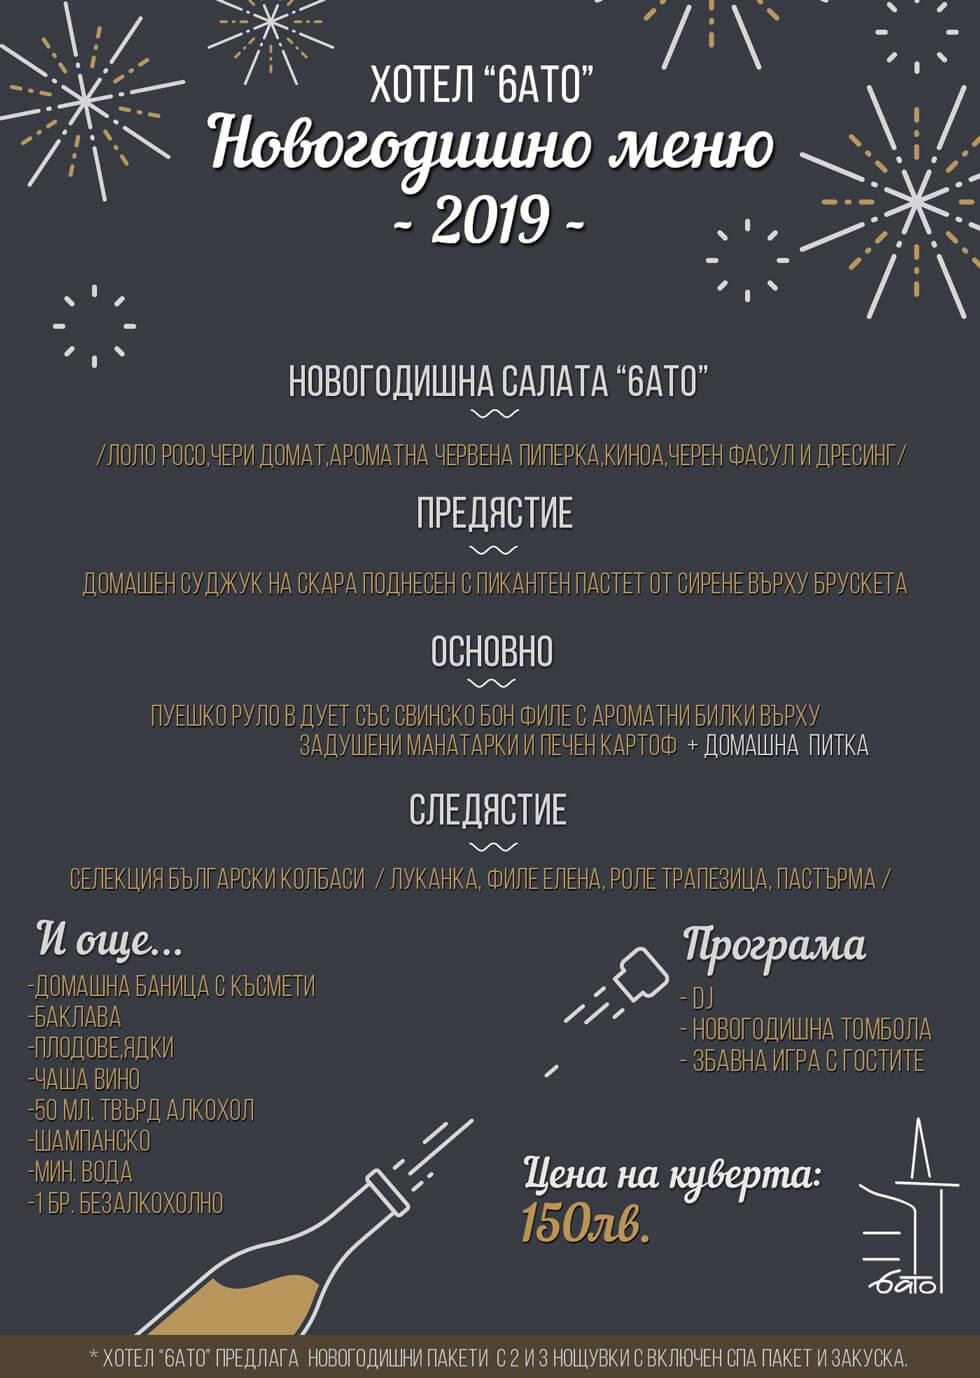 """Новогодишно меню 2019*** - хотел """"6аТо"""" София"""